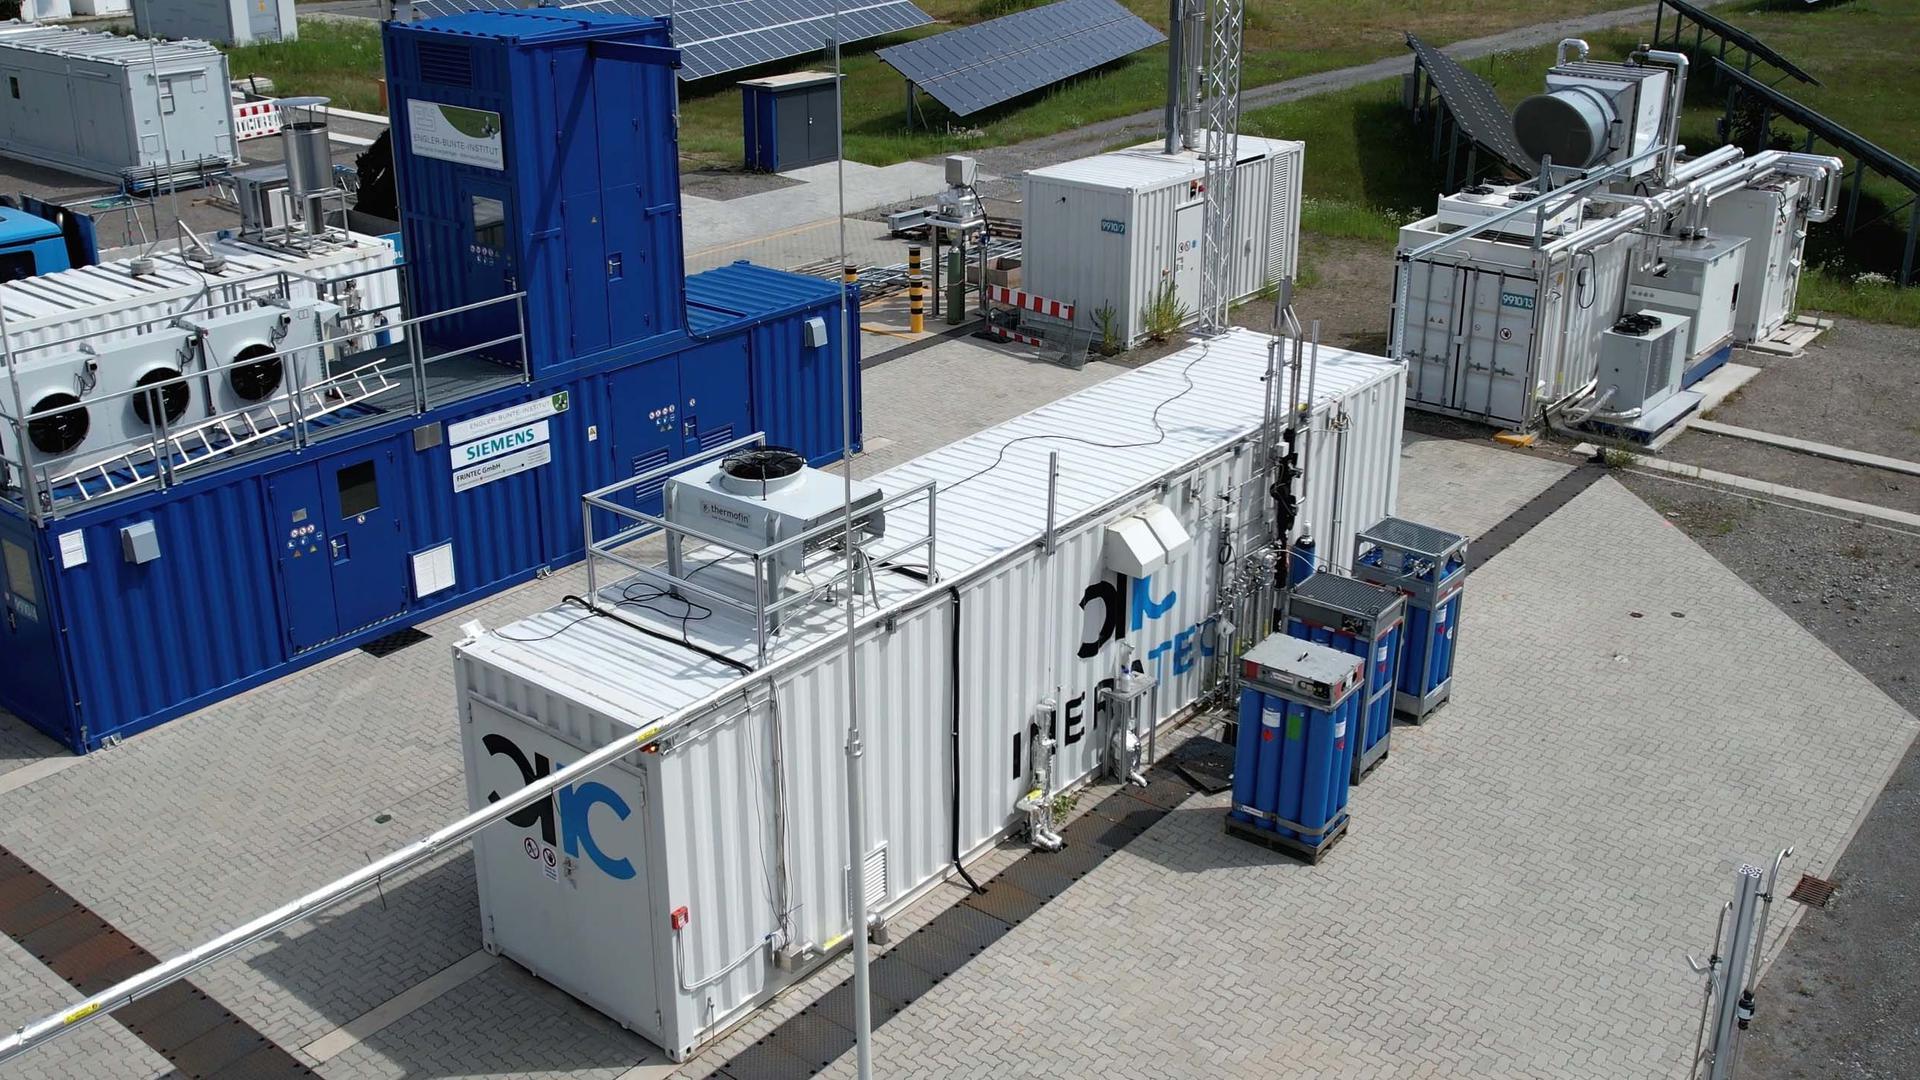 Keimzelle der Entwicklung am Energy Lab 2.0 auf dem KIT-Campus Nord: In kompakten, transportablen Container-Anlagen produziert die Ineratec GmbH ihre klimaneutralen Kraftstoffe.